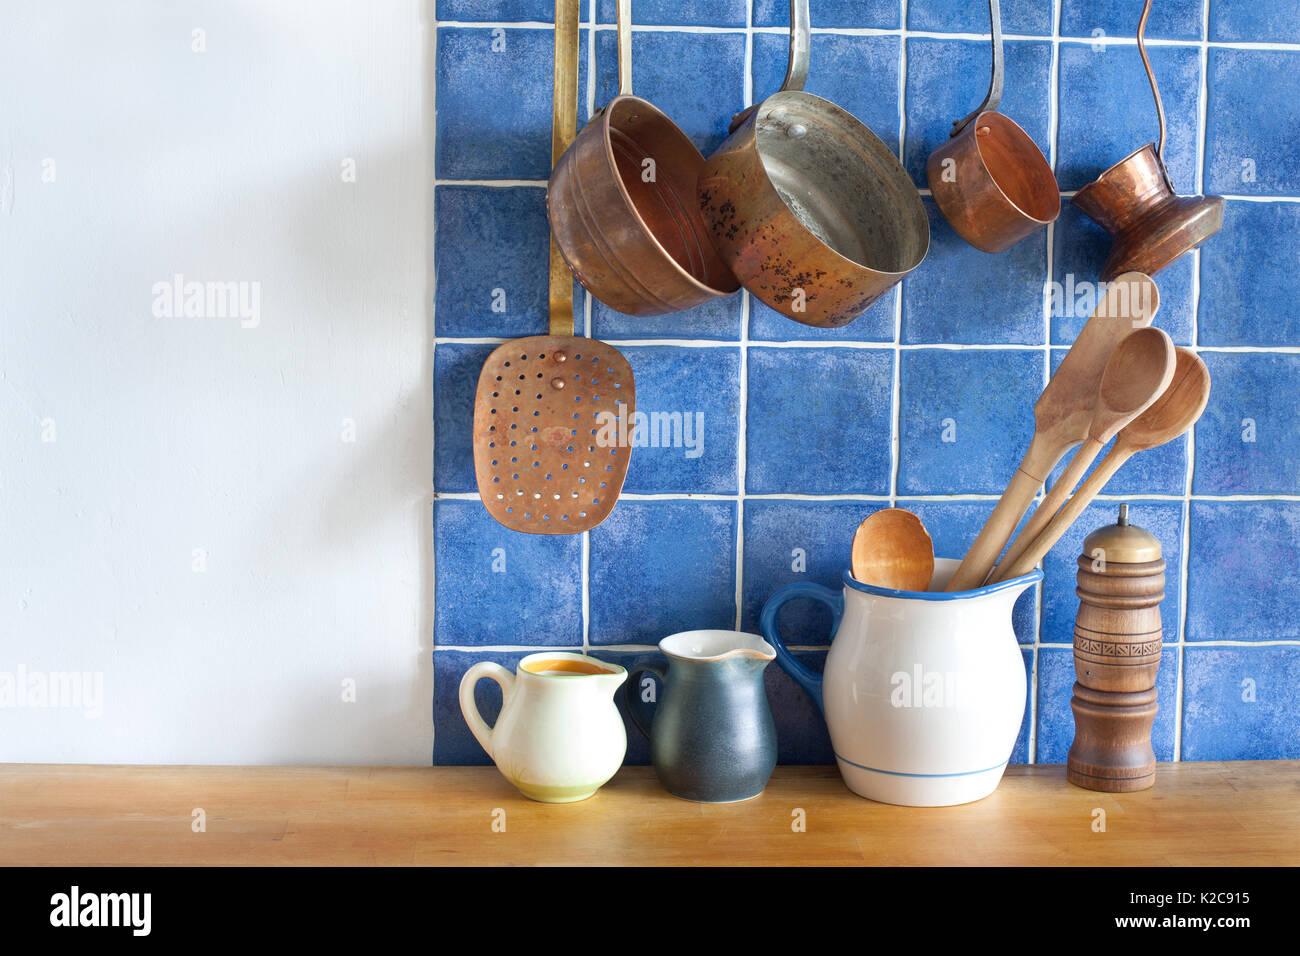 Copper Pans Storage Stockfotos & Copper Pans Storage Bilder - Alamy